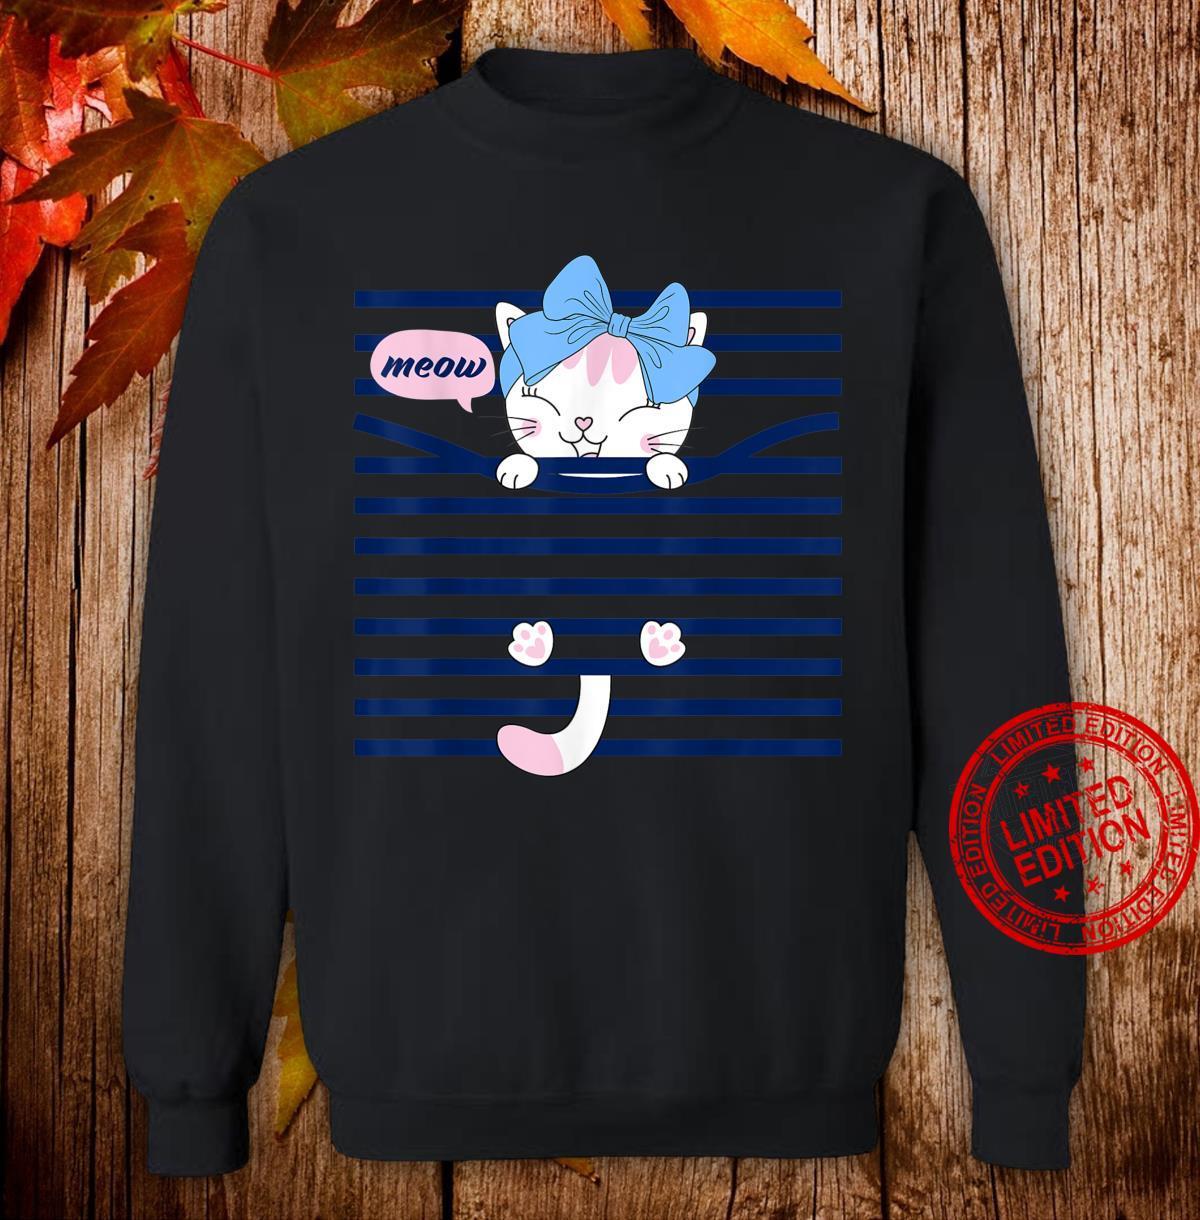 Bahaa's'ss Cats Short Sleeve Shirt sweater